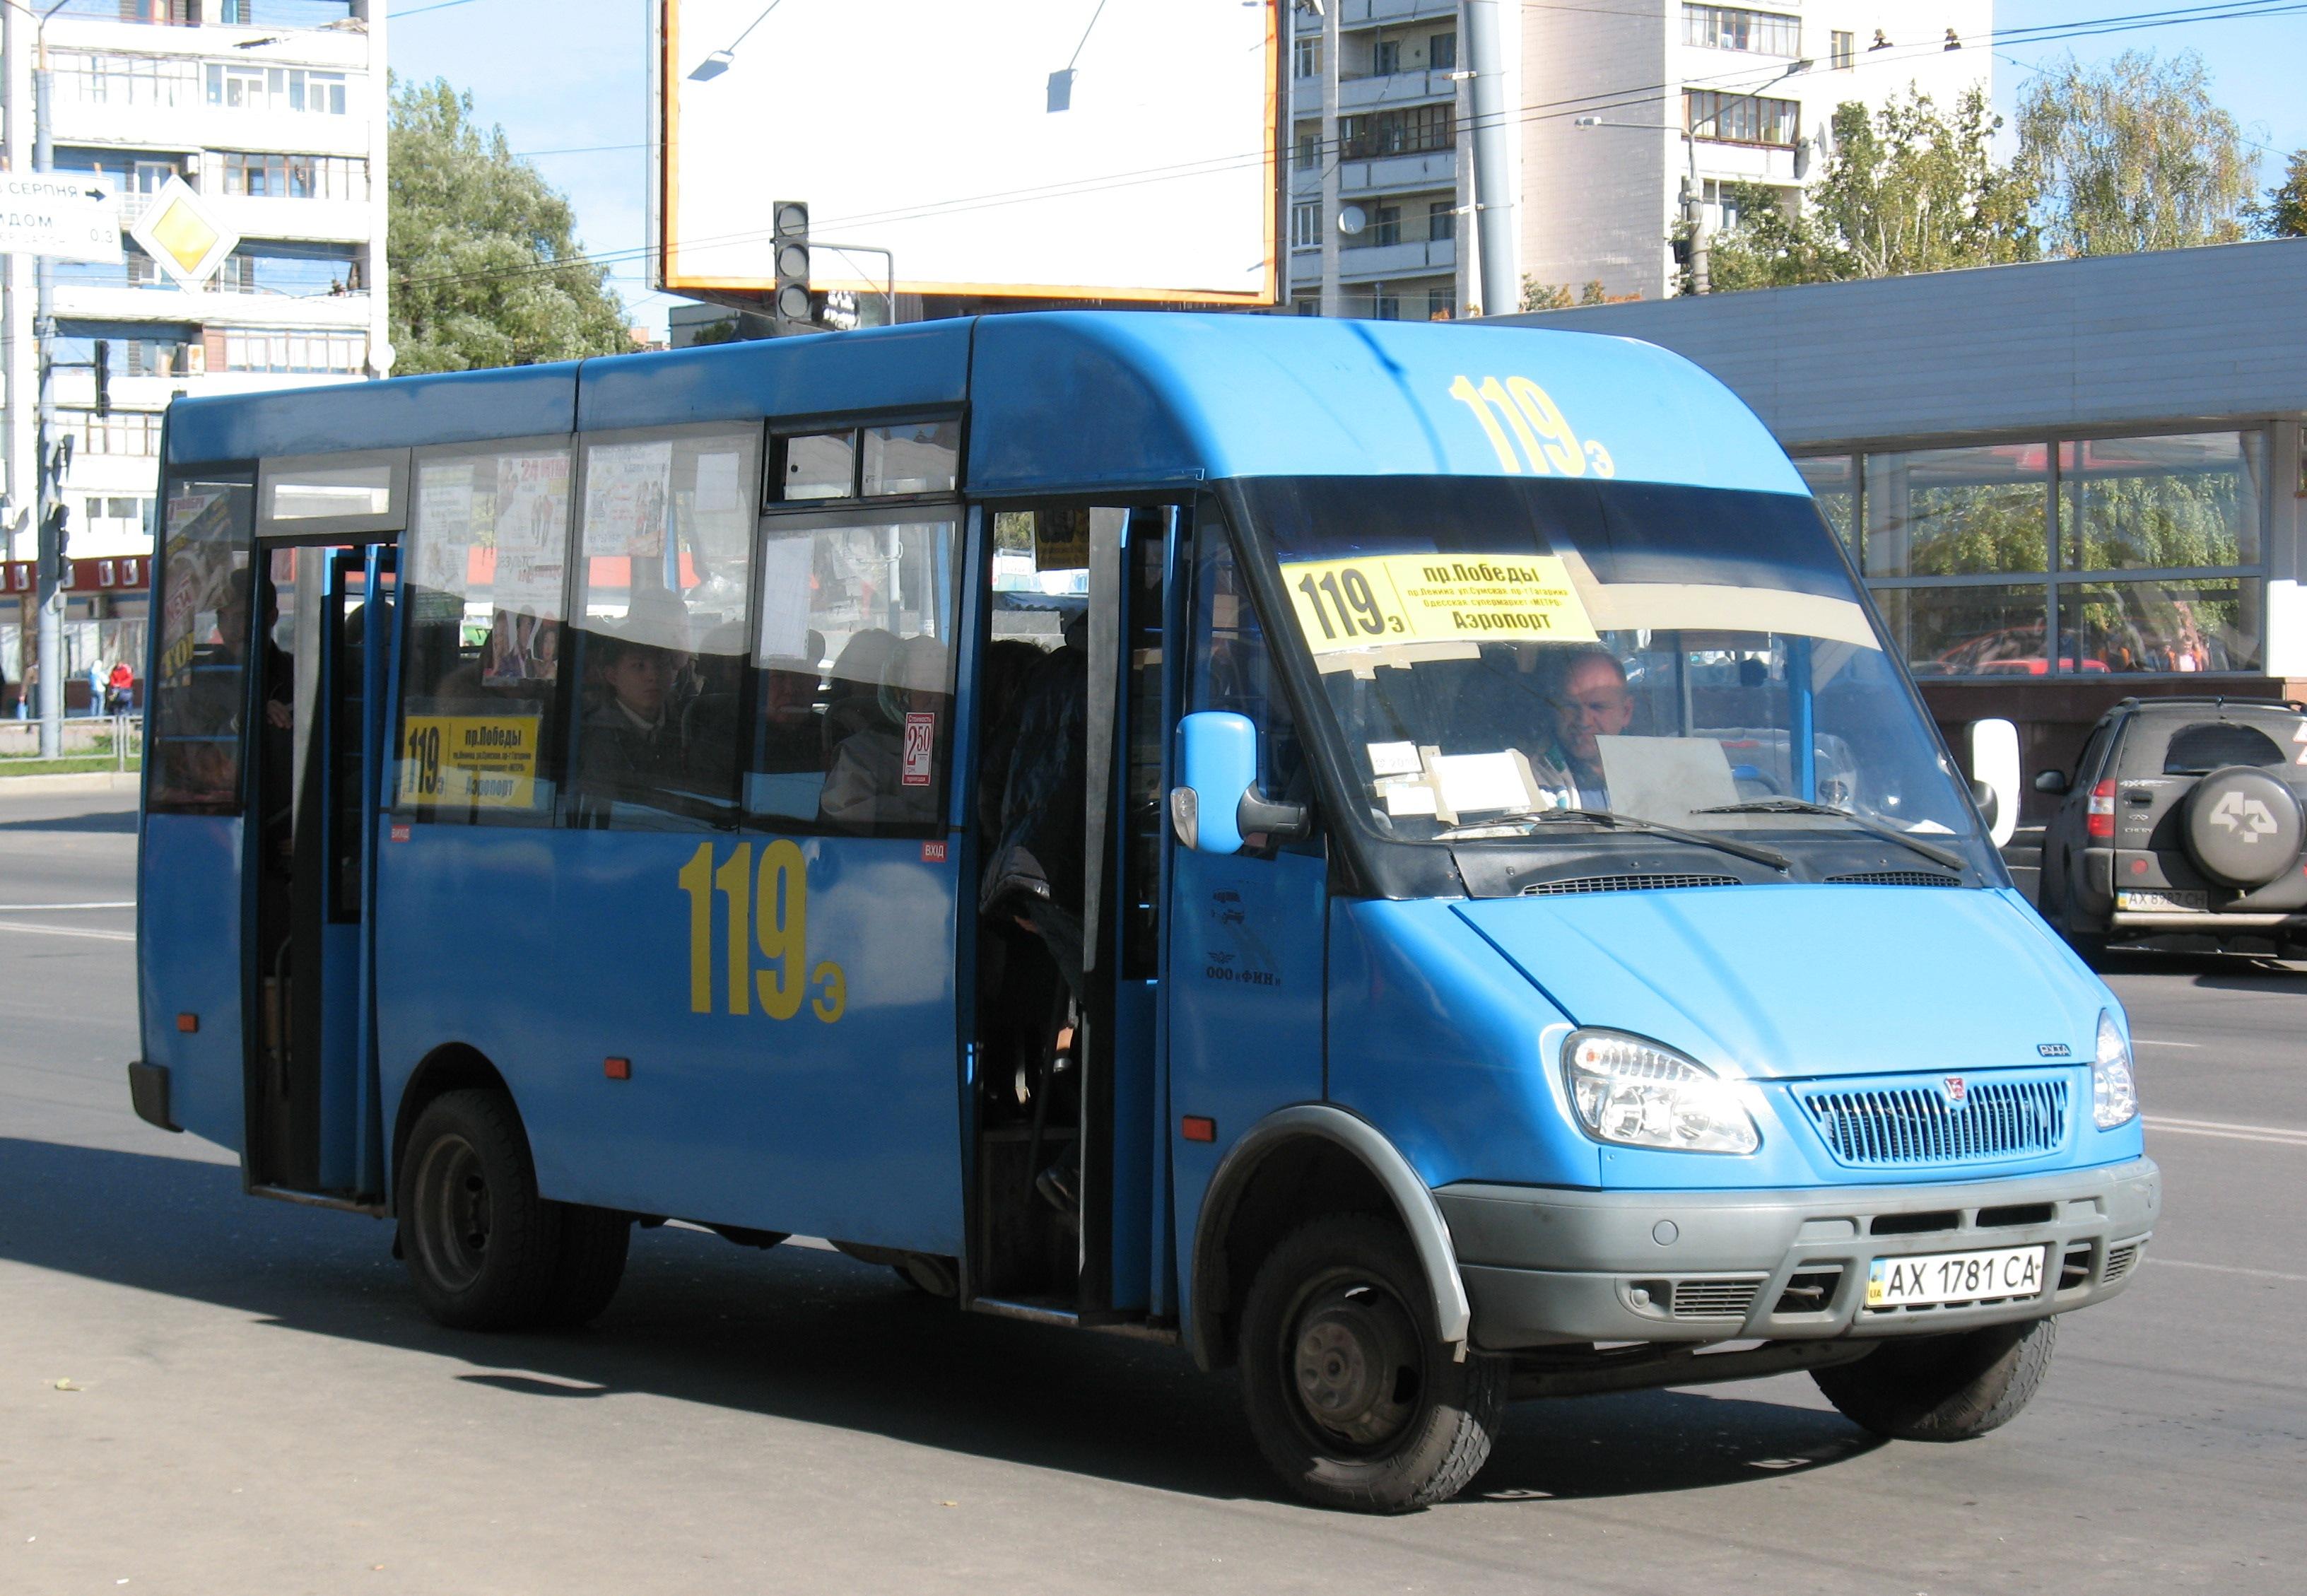 Файл:Маршрутка 119 Х GAZ.JPG